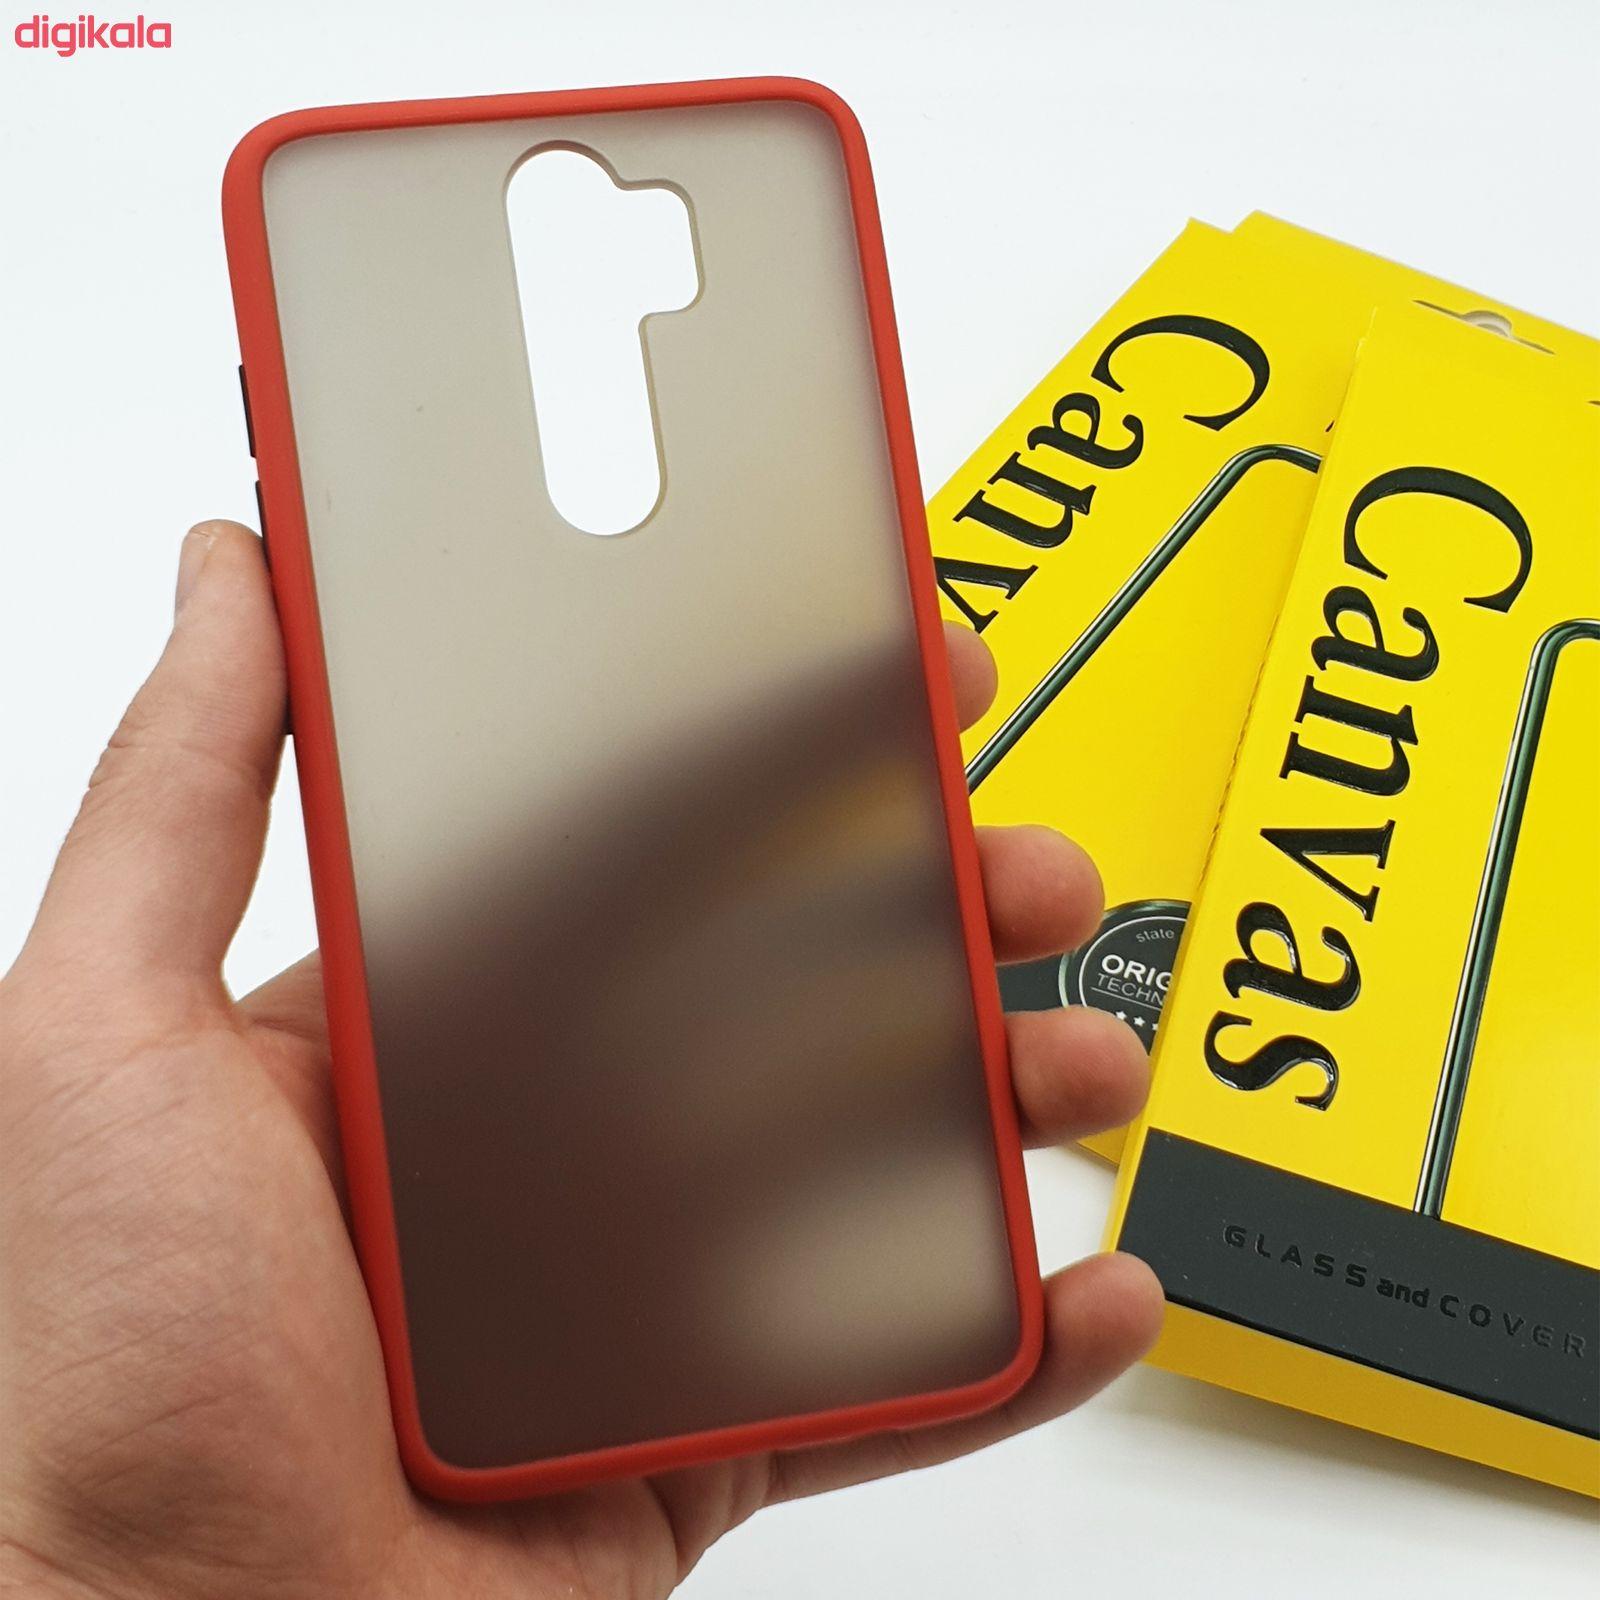 کاور کانواس مدل BMH-01 مناسب برای گوشی موبایل شیائومی Redmi Note 8 Pro